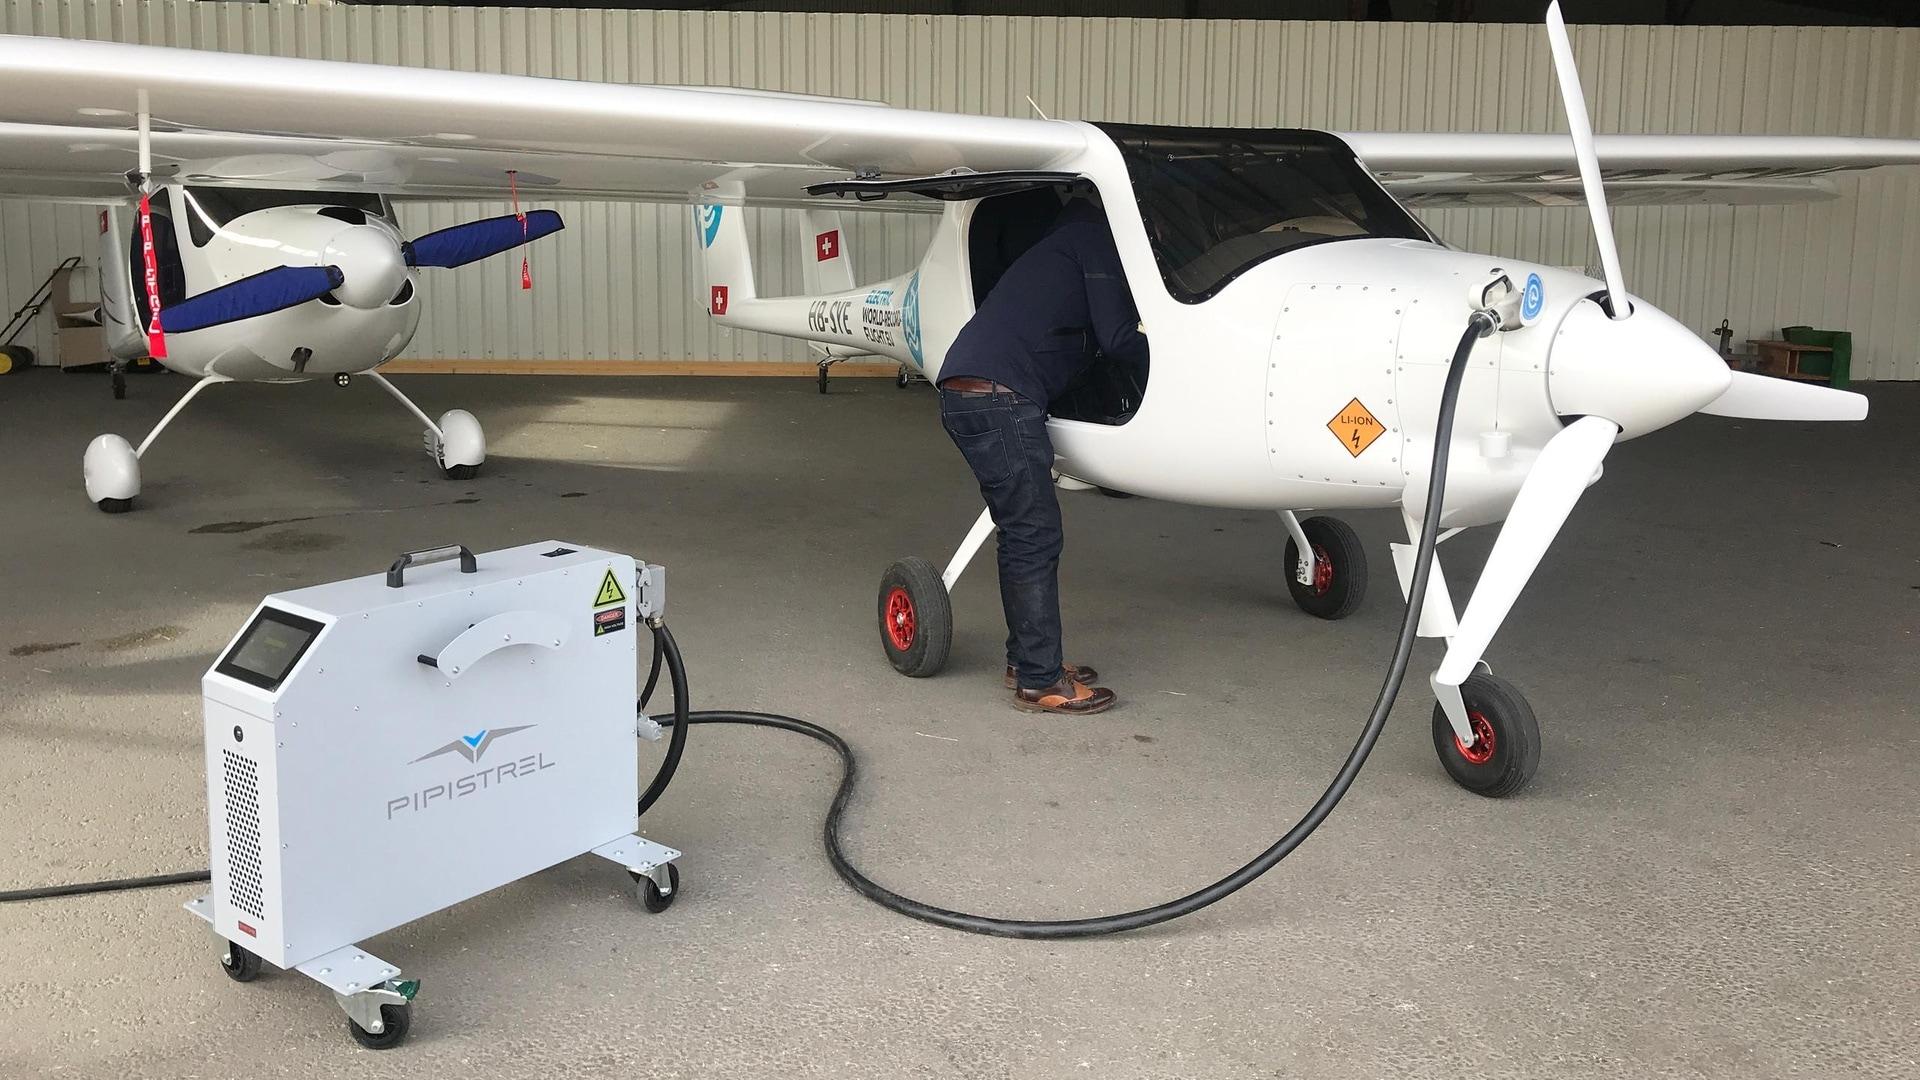 電動航空機 スイスの空で静かな革命 - SWI swissinfo.ch